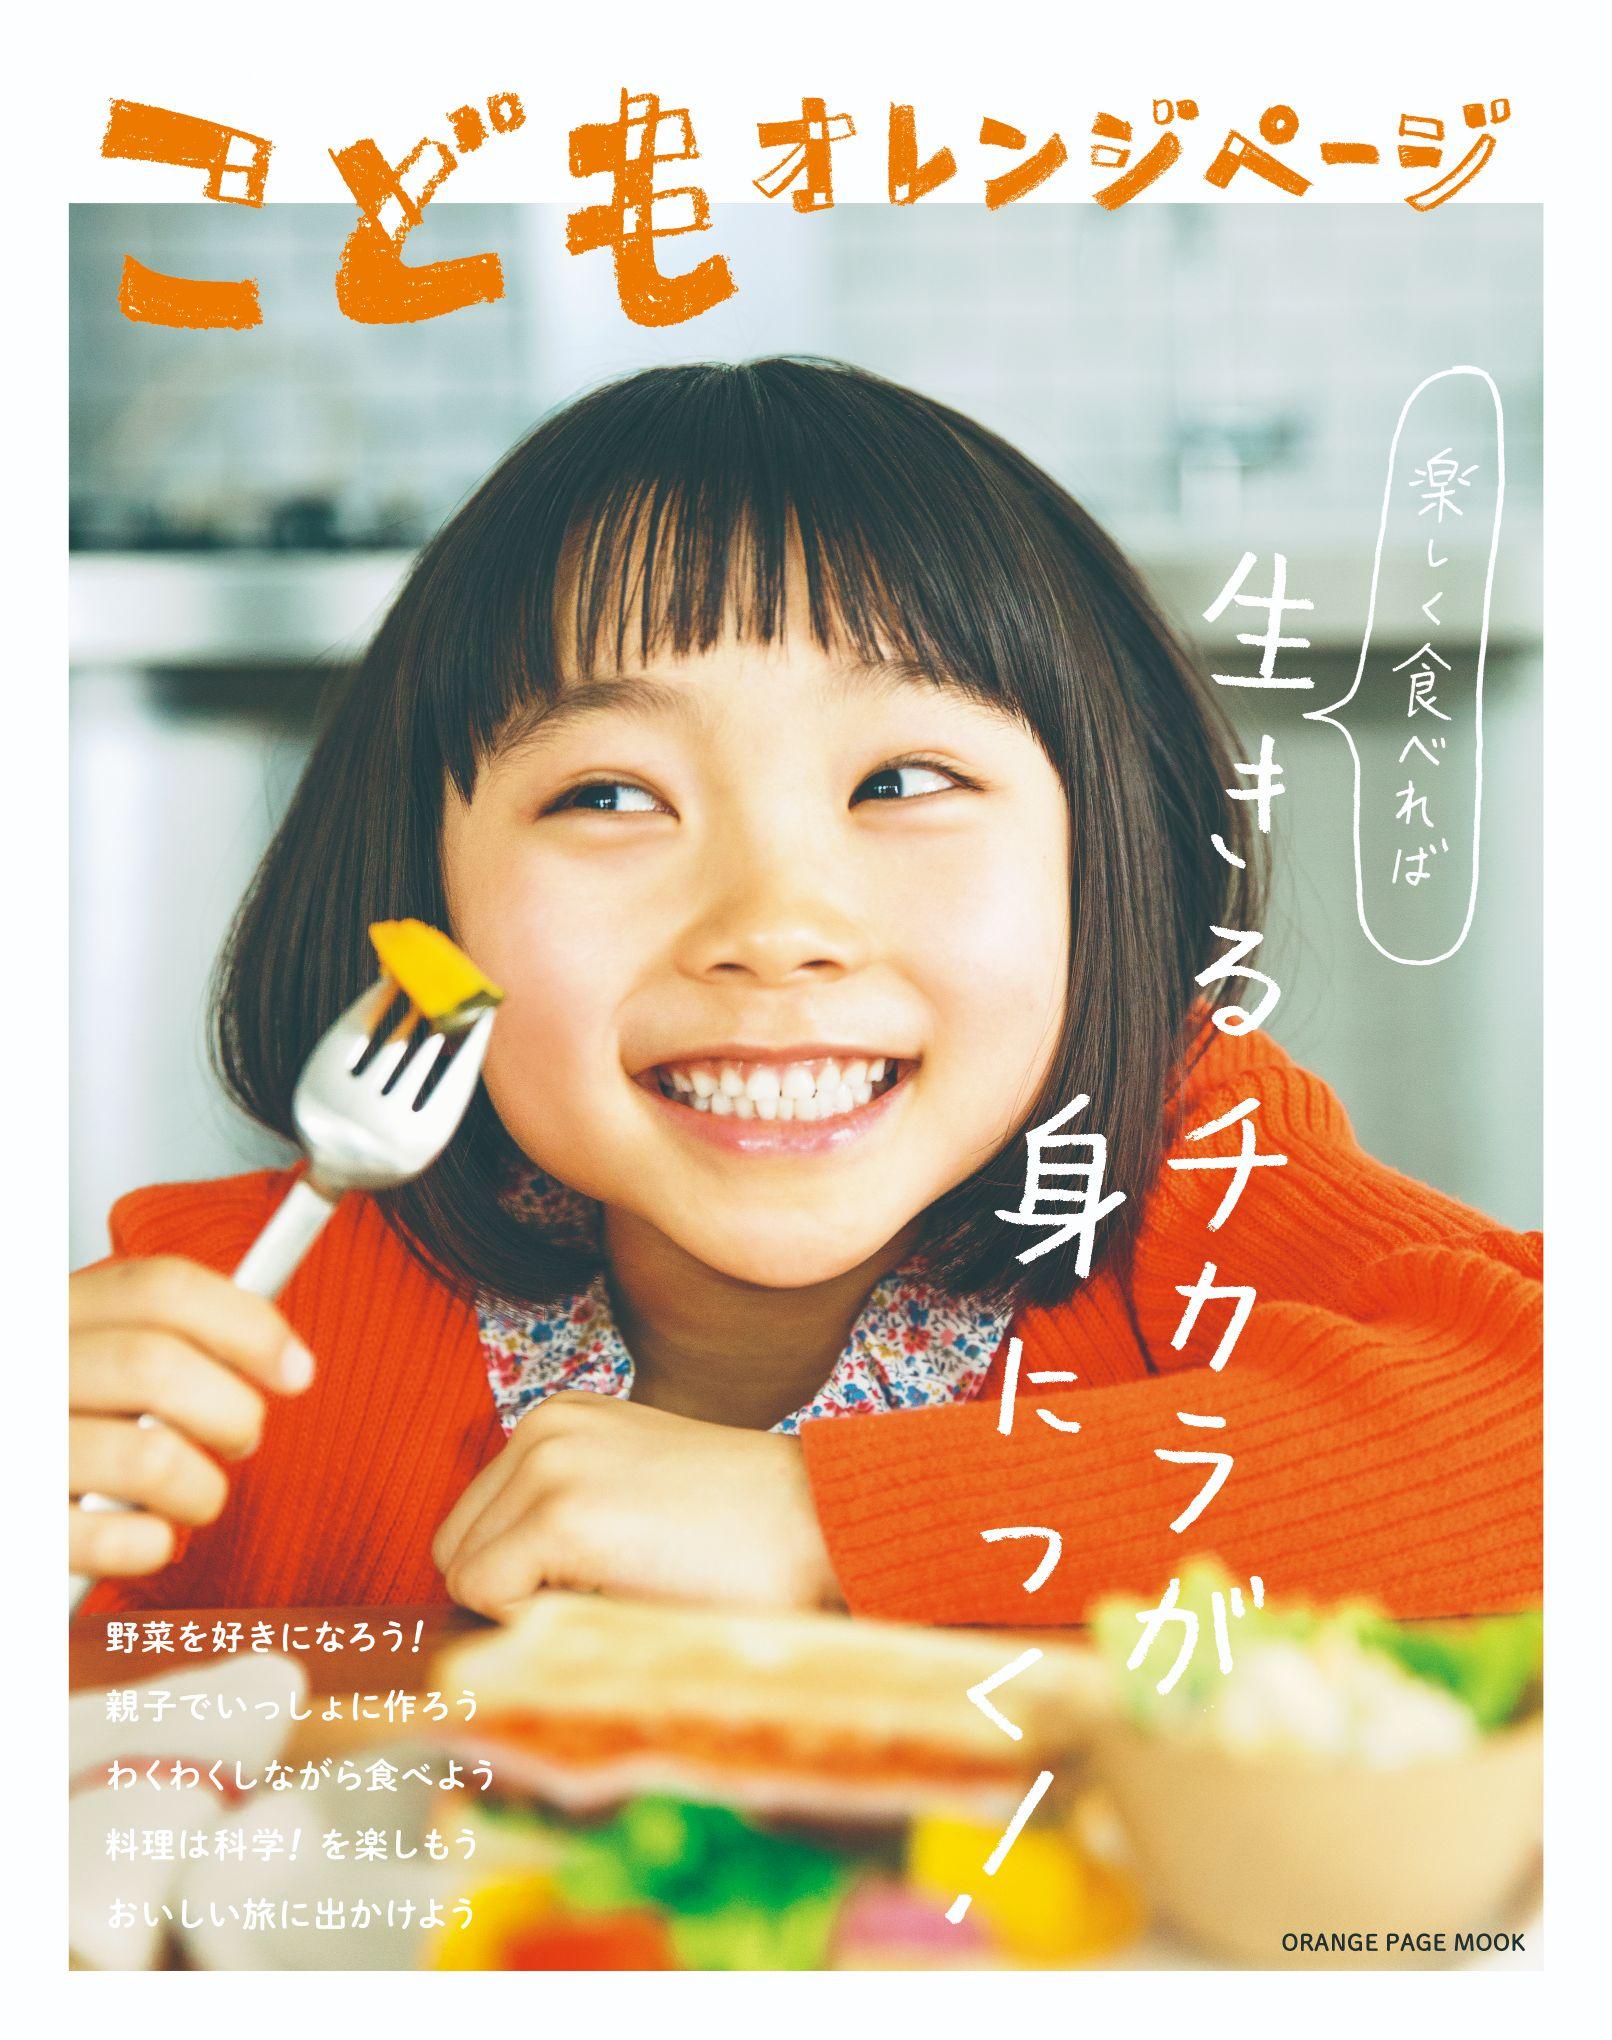 プレゼント!「オレンジページ」が作った、子どもの食のためのムック本『こどもオレンジページ』